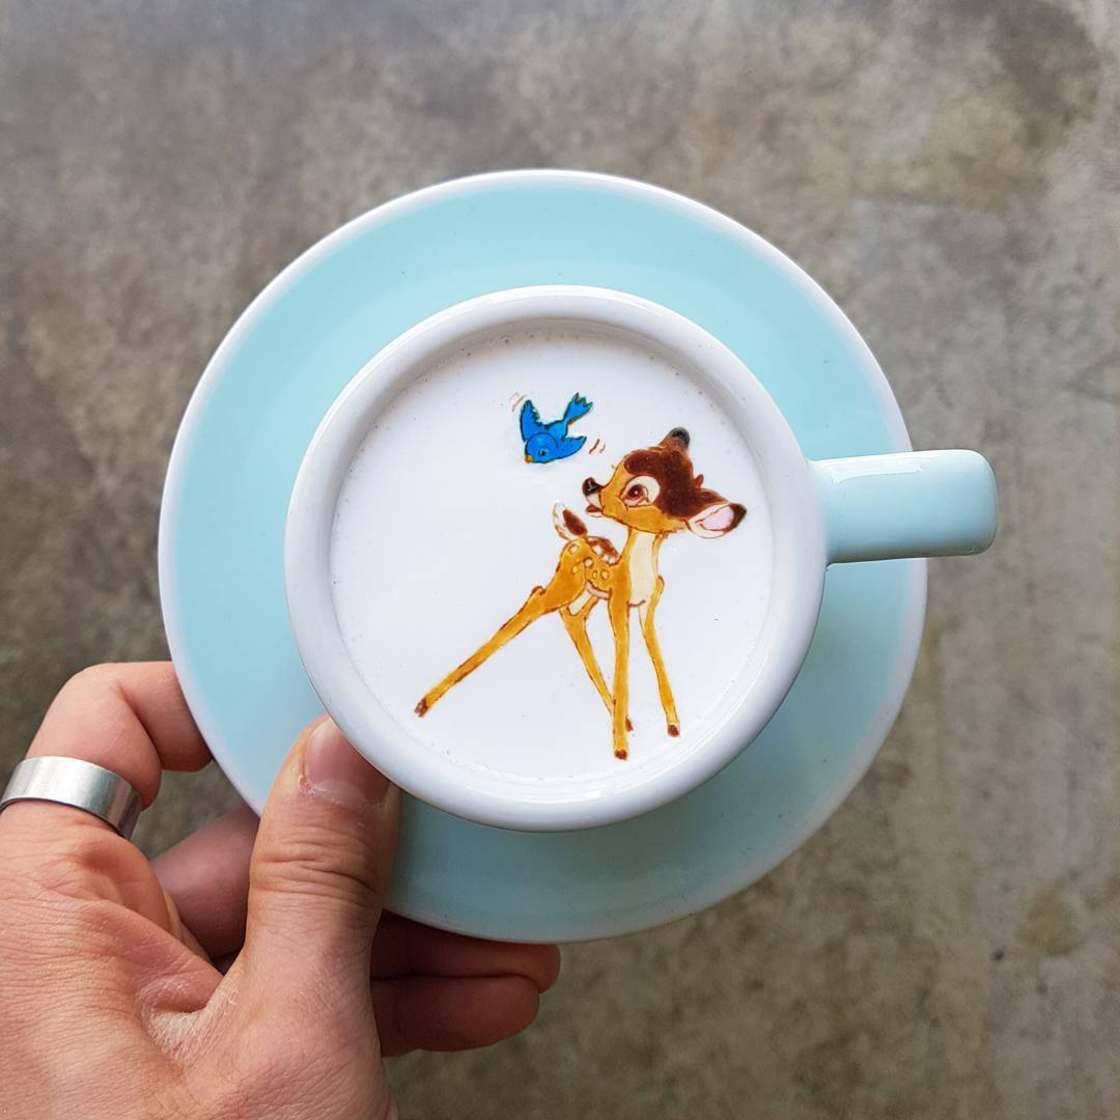 art-on-coffee-lee-kang-bin-11.jpg